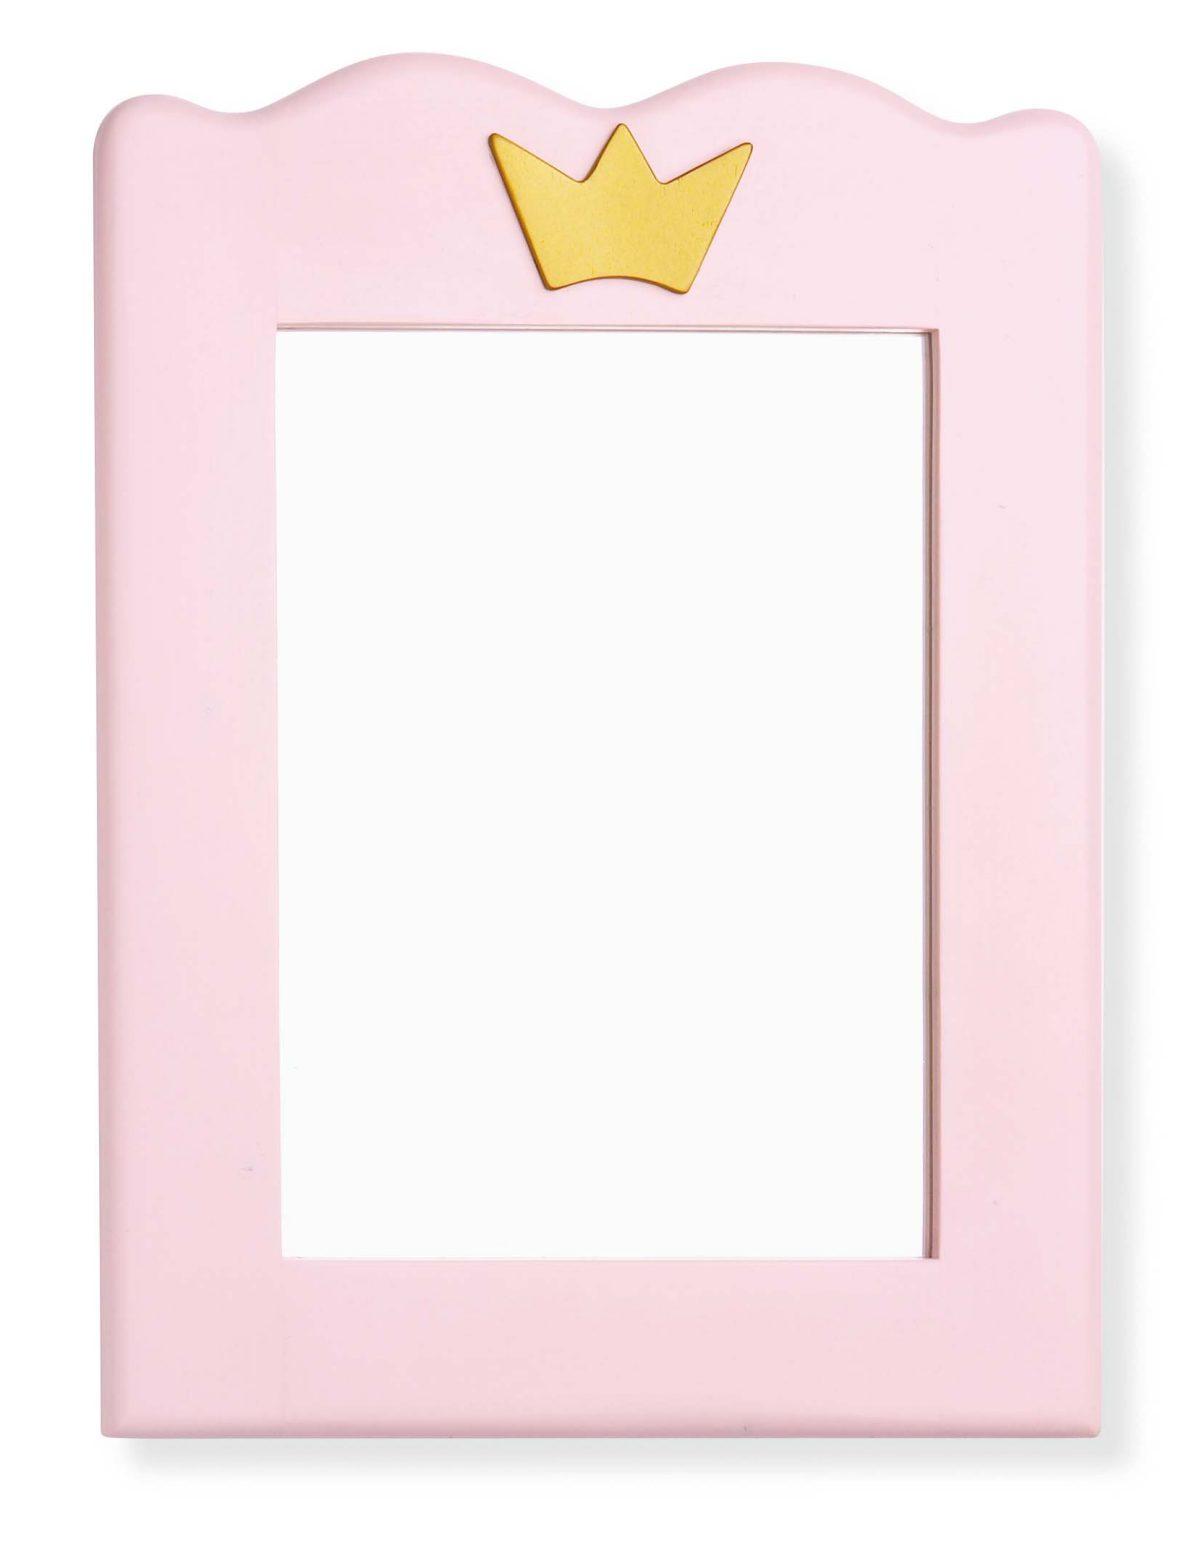 Full Size of Prinzessin Karolin Spiegel Sehr Schner Wandspiegel Mit Bad Spiegelschrank Led Beleuchtung Und Steckdose Regal Kinderzimmer Sofa Für Badezimmer Klappspiegel Kinderzimmer Spiegel Kinderzimmer